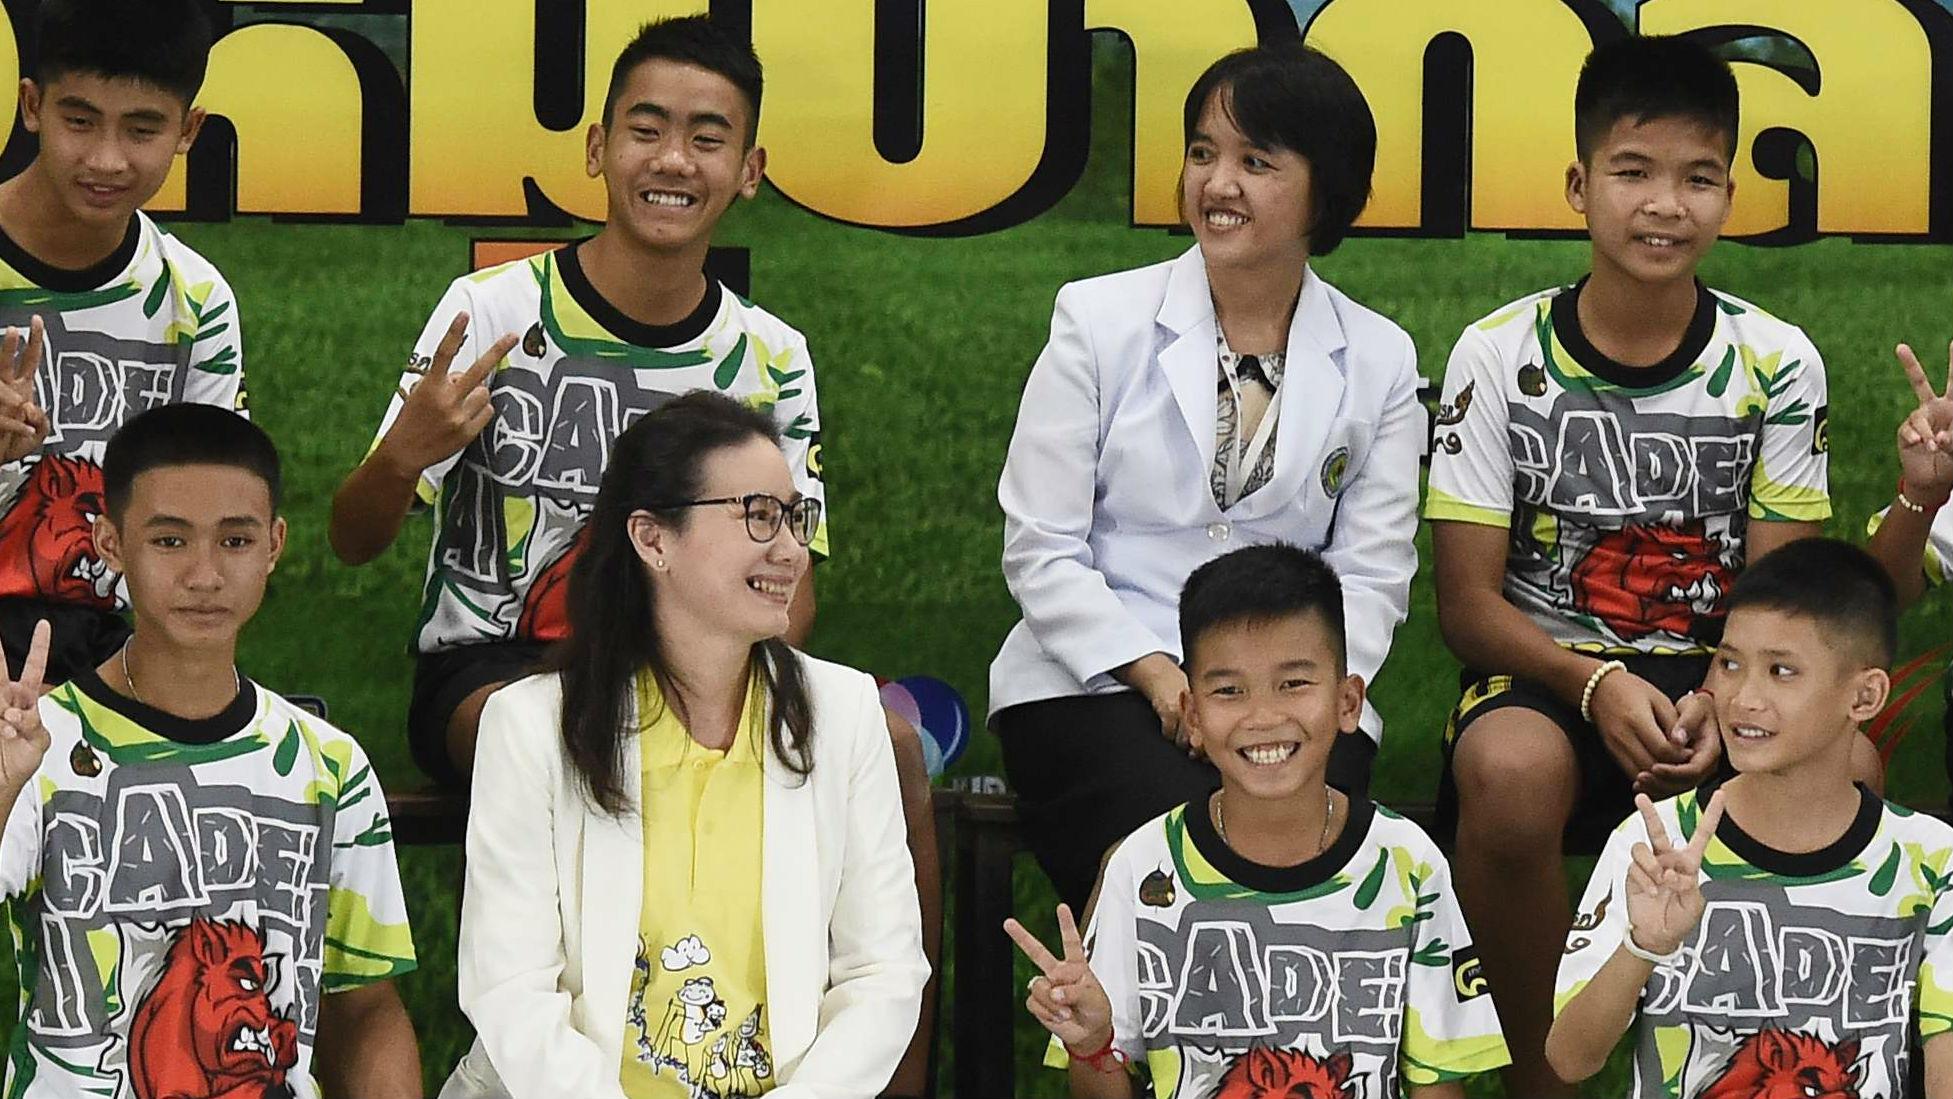 外媒:泰国足球少年讲述历险经过 最苦莫过于饥饿难耐